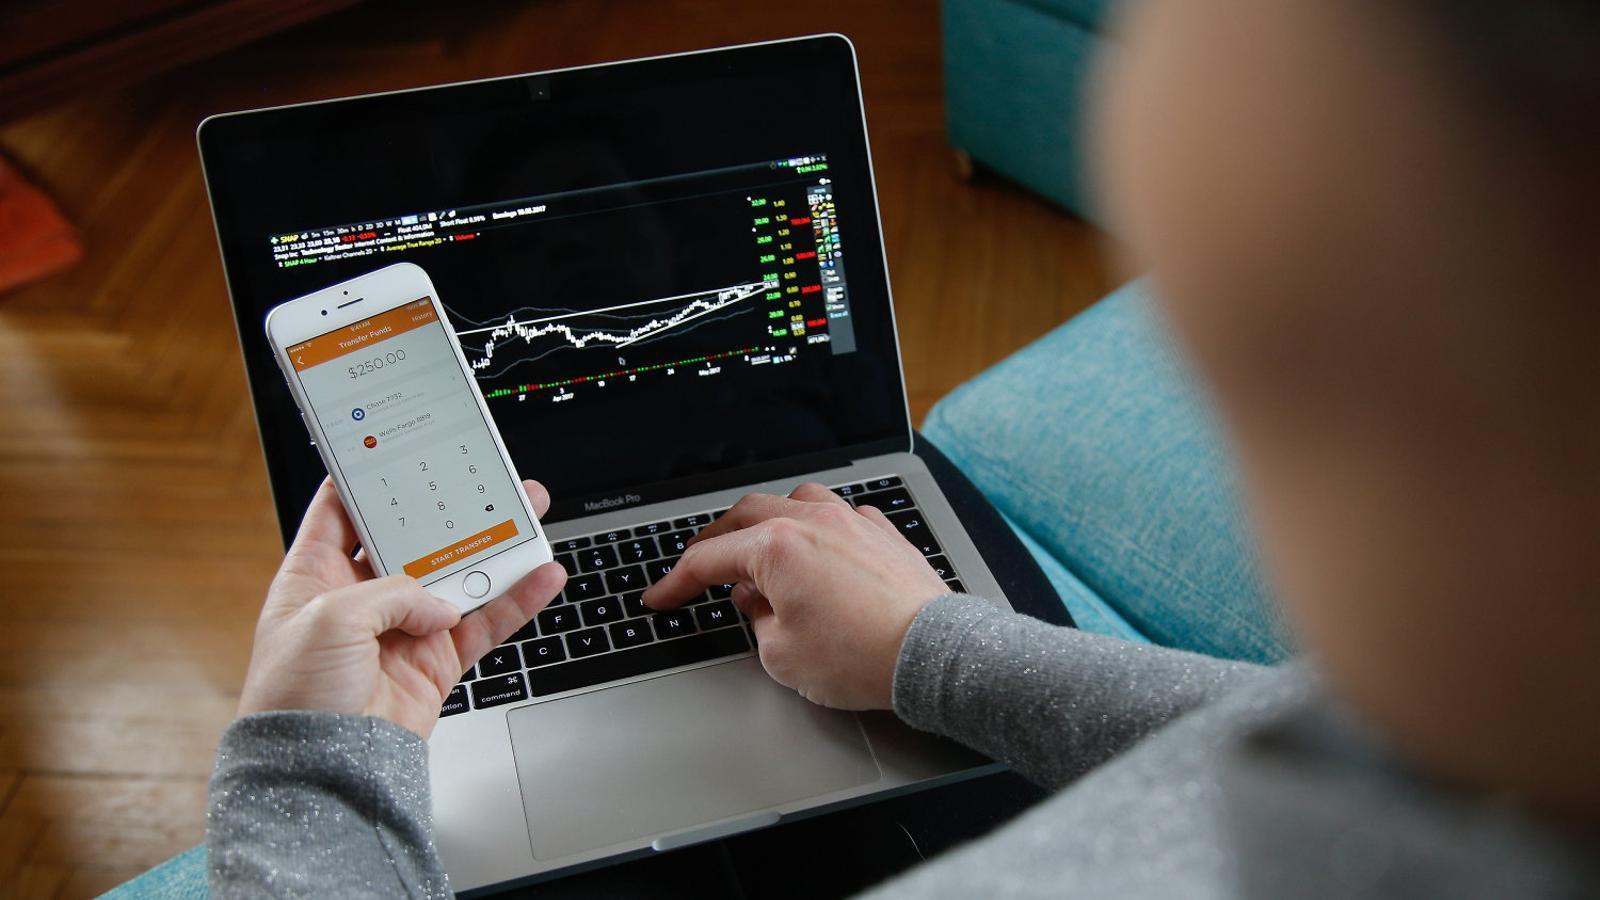 Una usuària utilitzant una aplicació mòbil que substitueix el banc en el control de les finances personals.